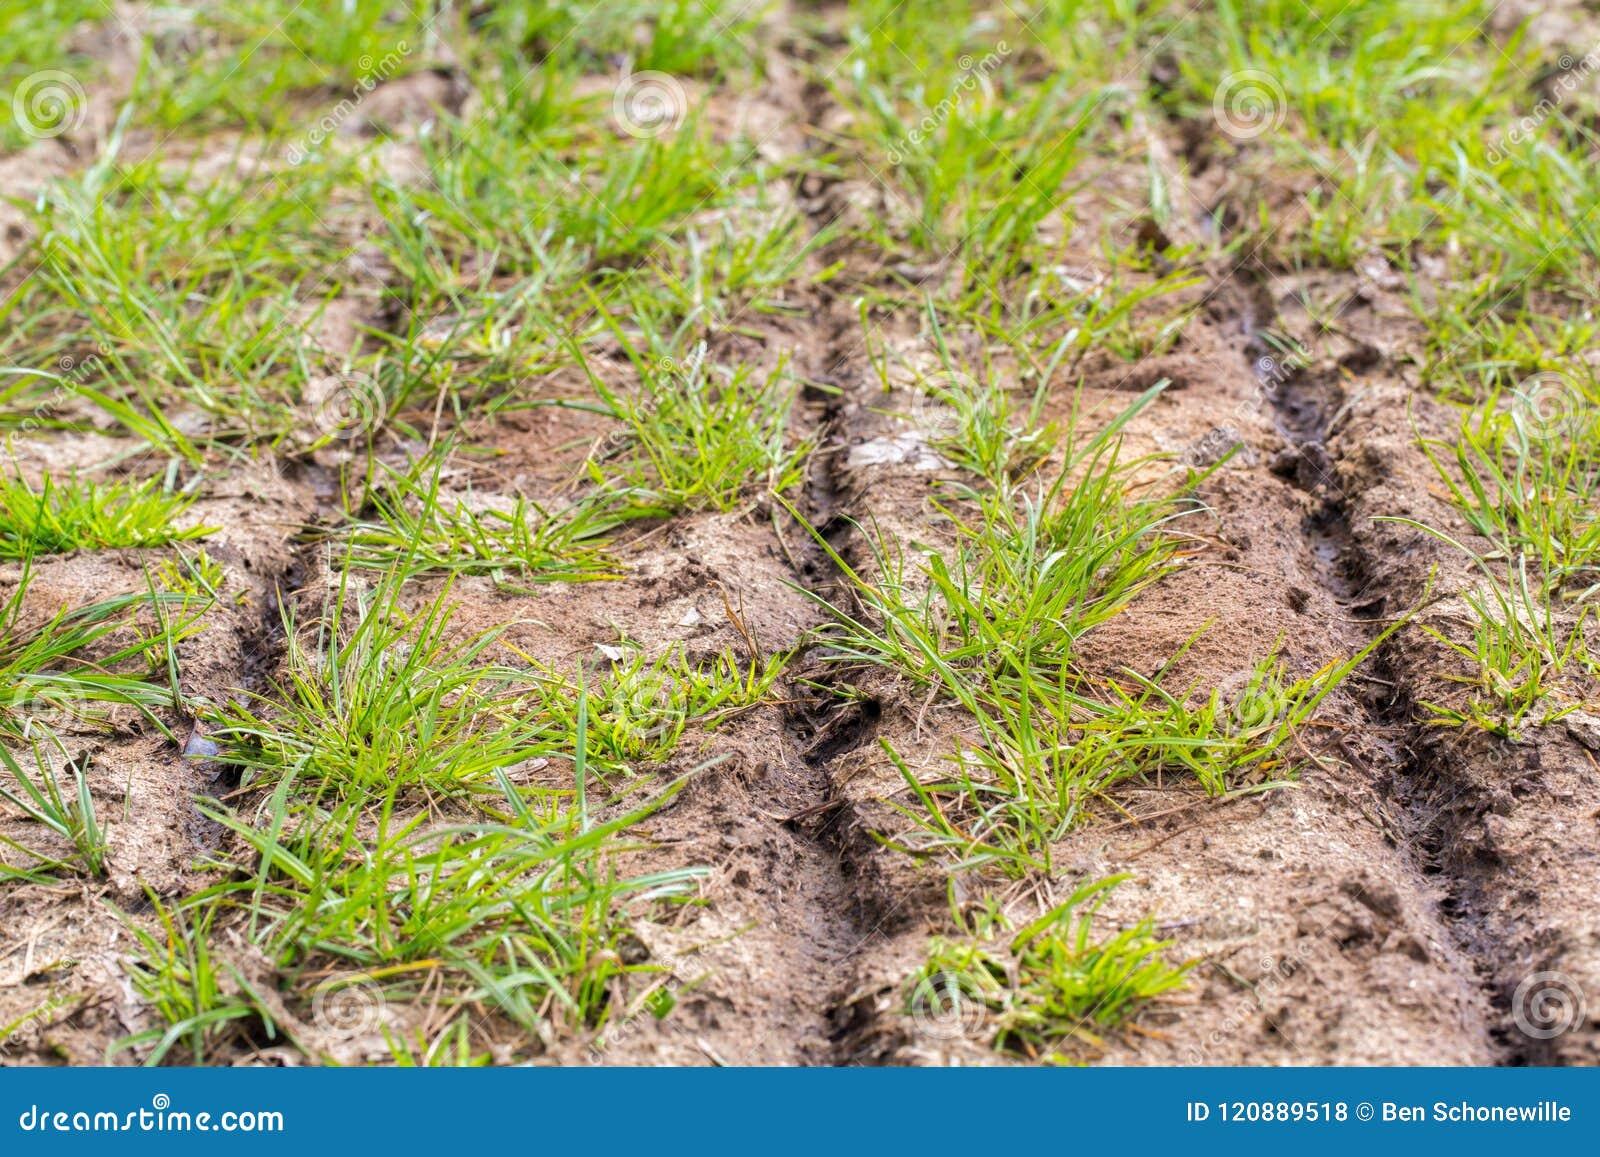 Fermez-vous vers le haut de l engrais injecté sur l herbe avec des fentes